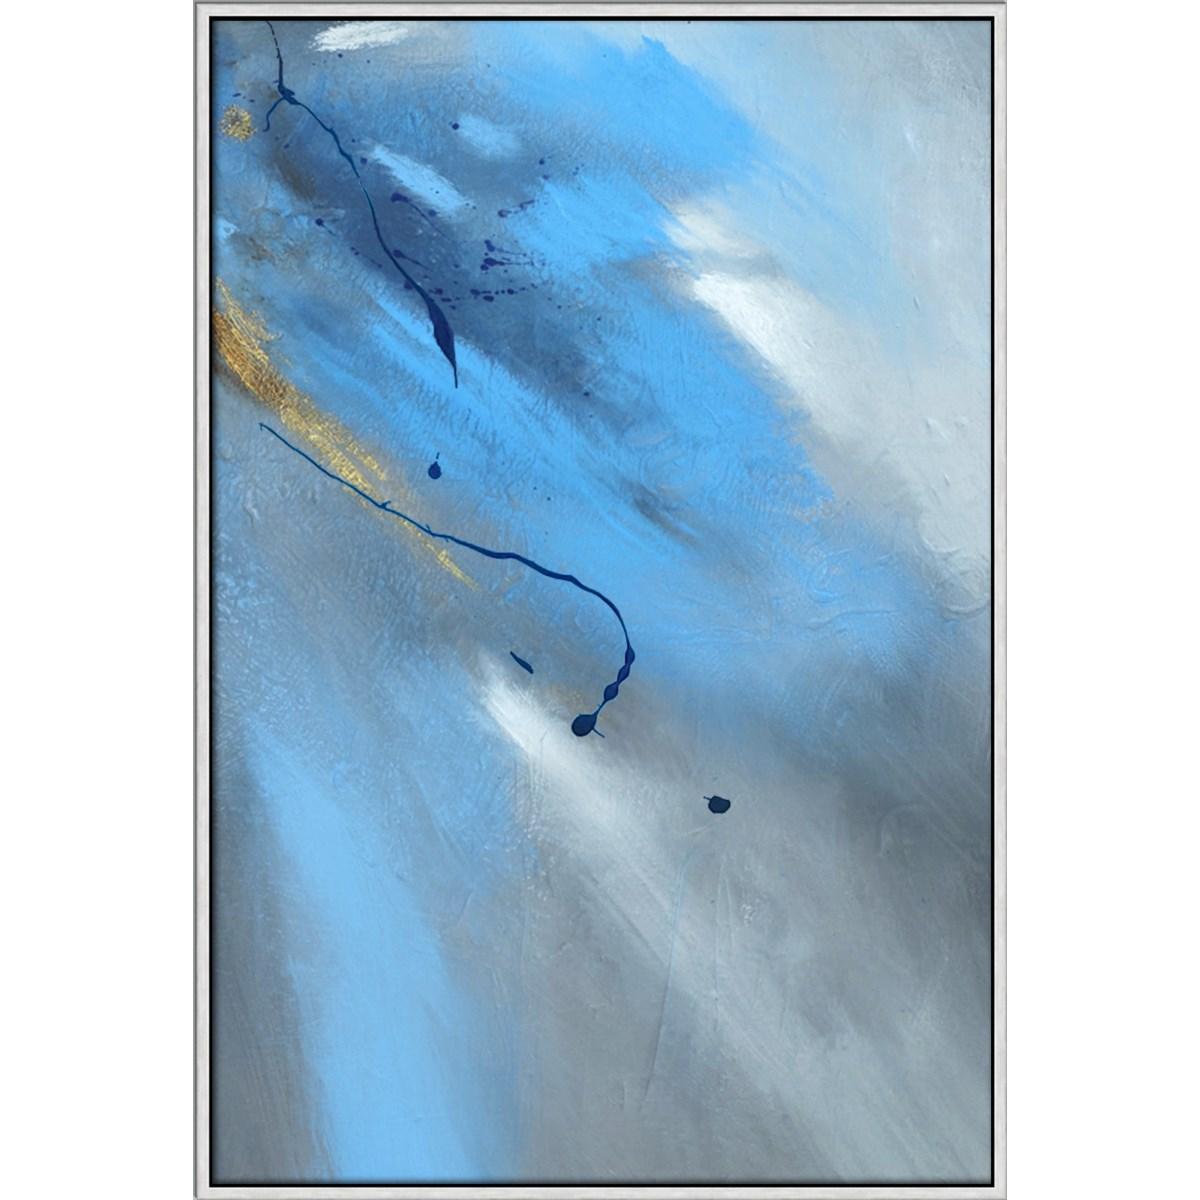 BREAK FREE III - HIGH GLOSS (framed)